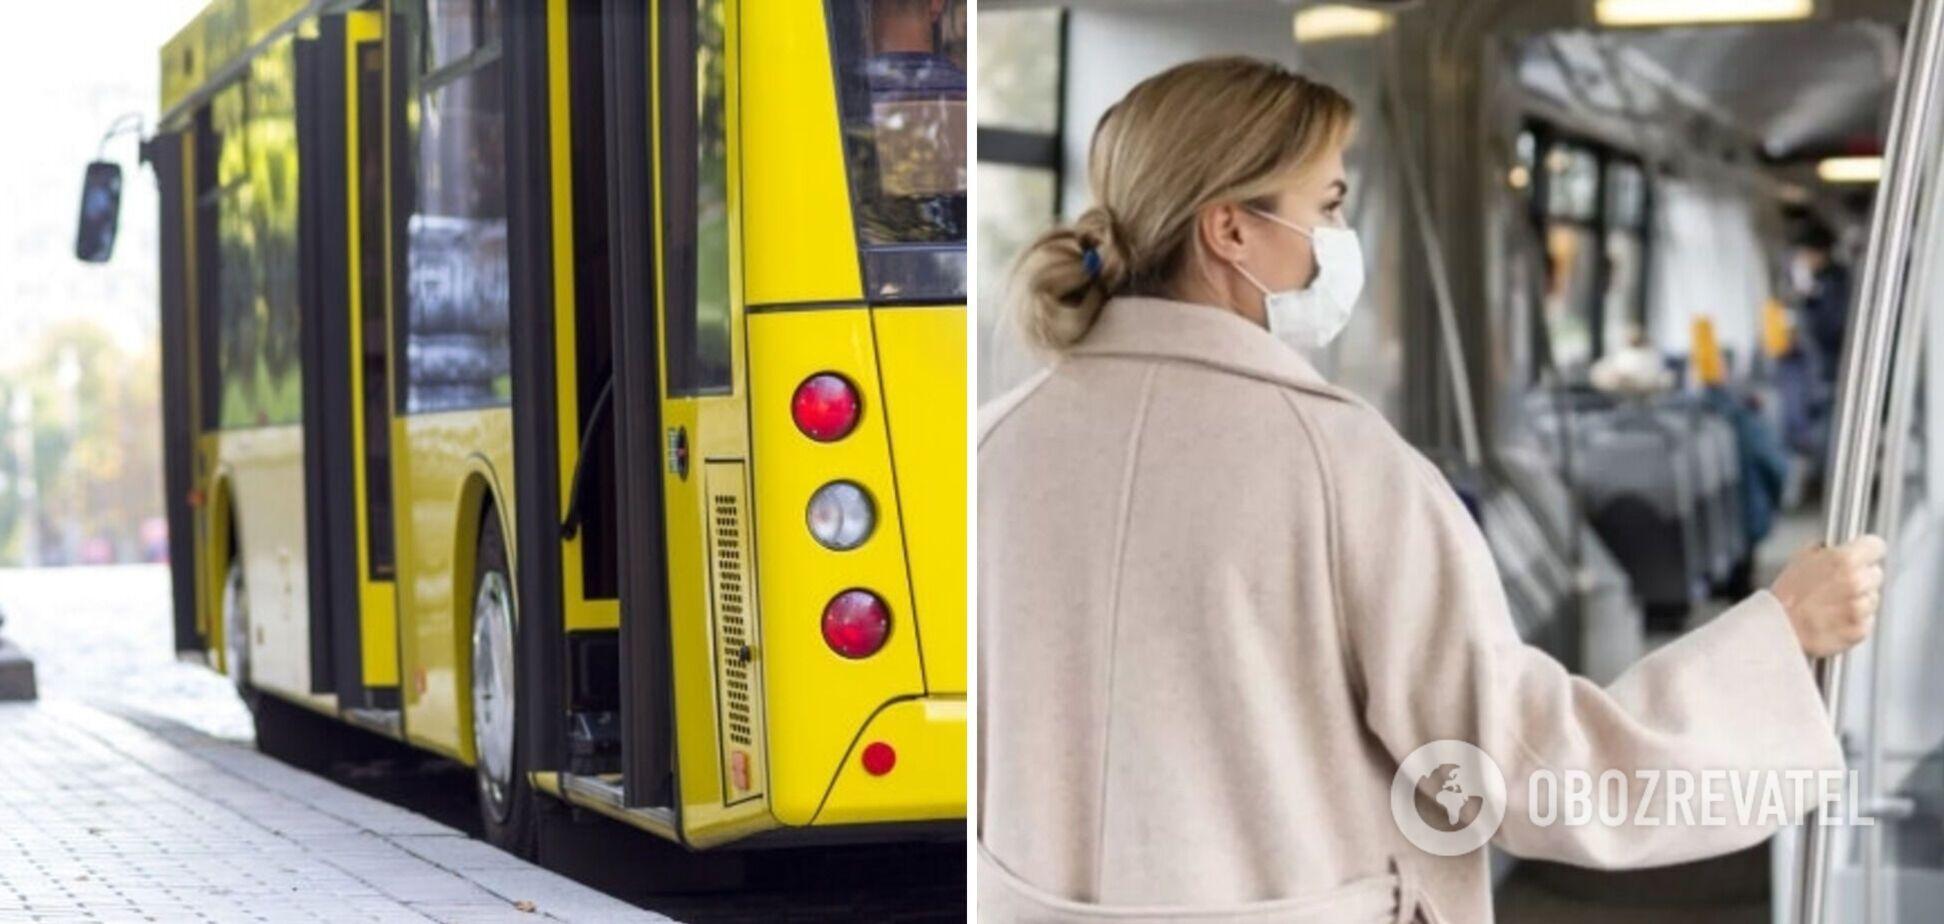 Що не потрібно робити під час поїздки в громадському транспорті.